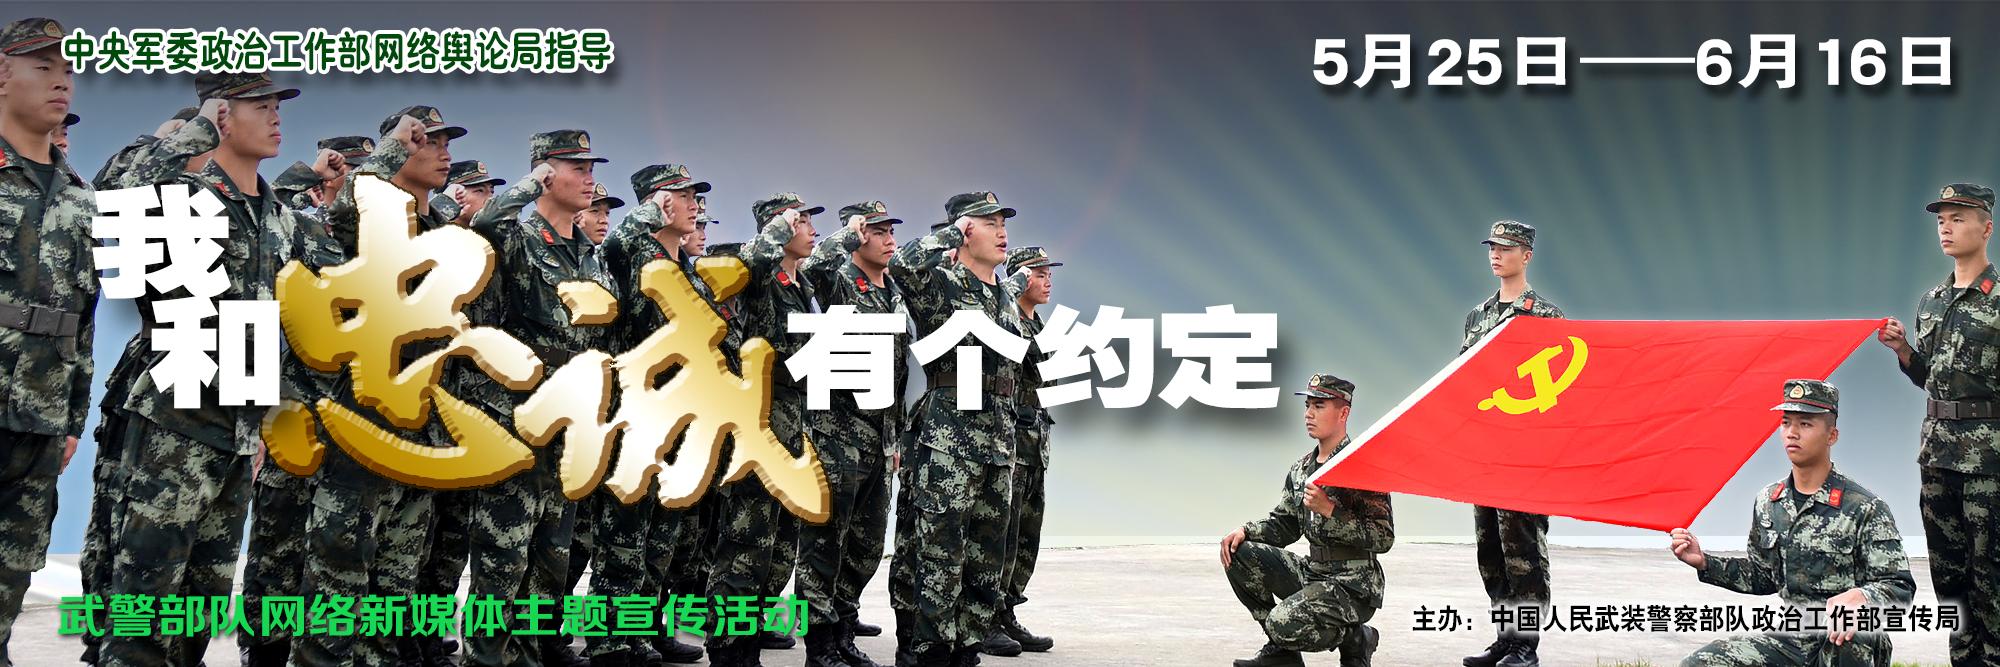 """""""台州第一卫生员""""的海岛带兵指南"""